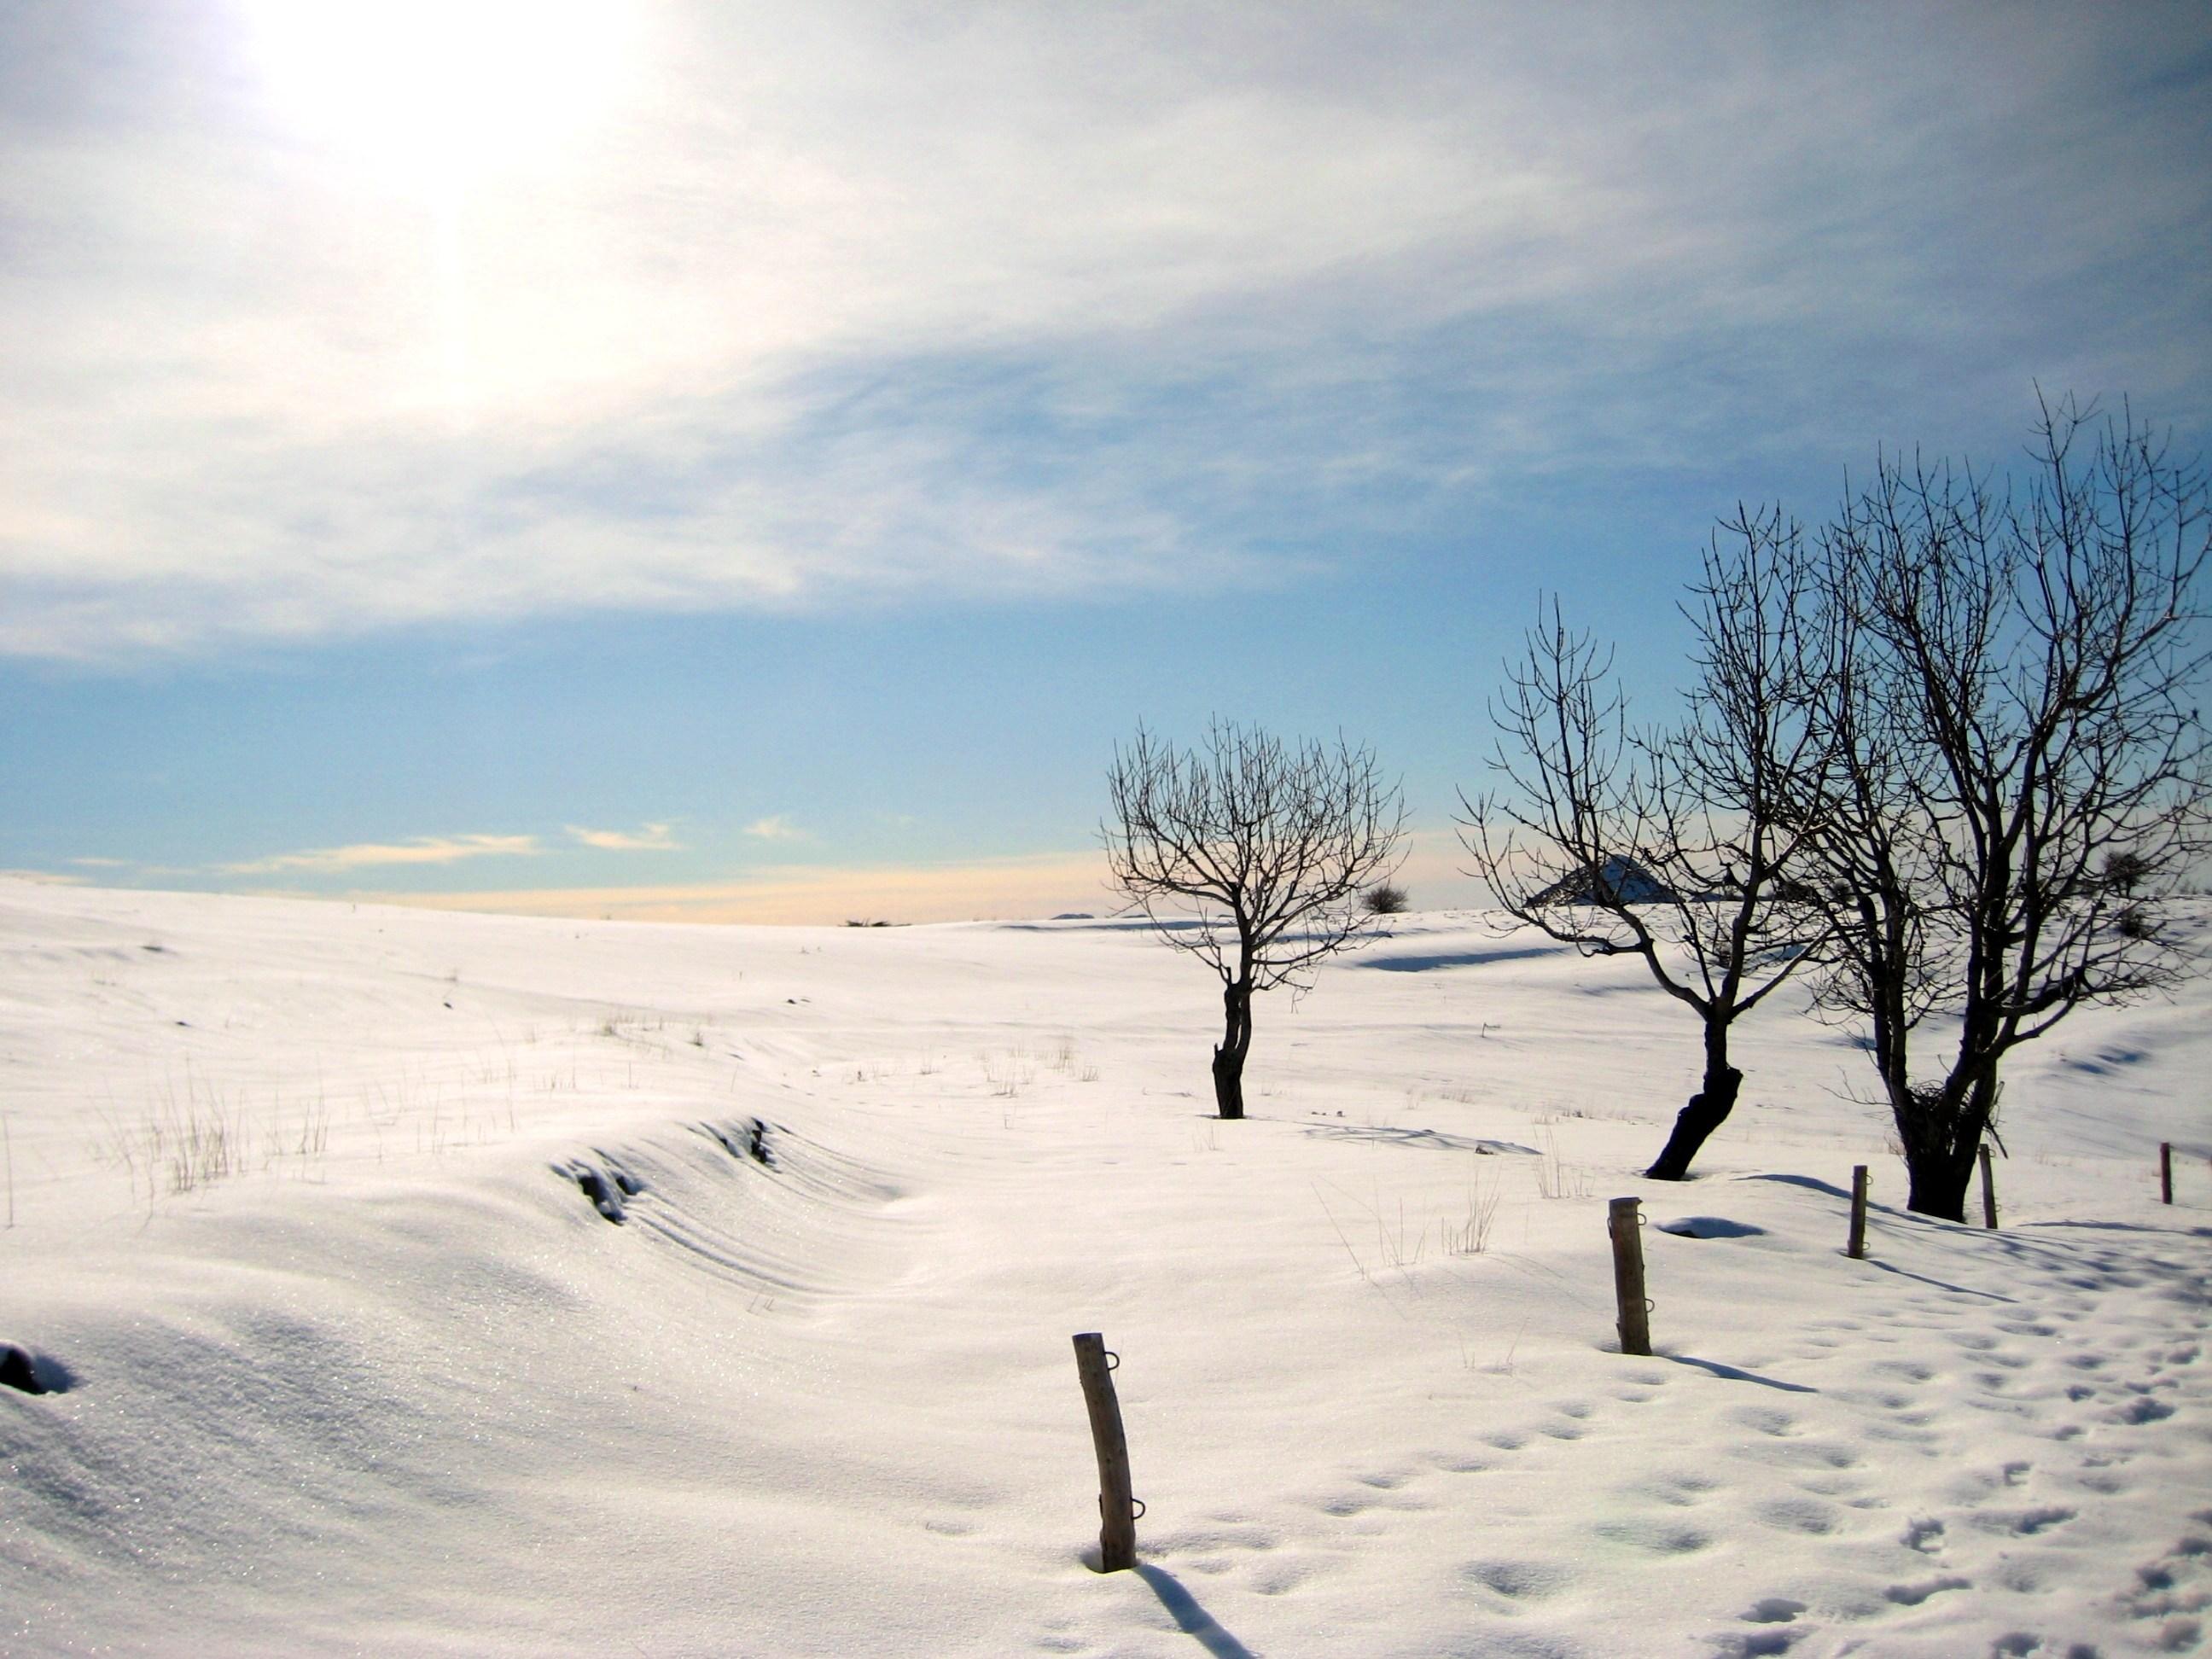 R solu jour de neige page 2 le forum sfr 820190 - Photos de neige gratuites ...